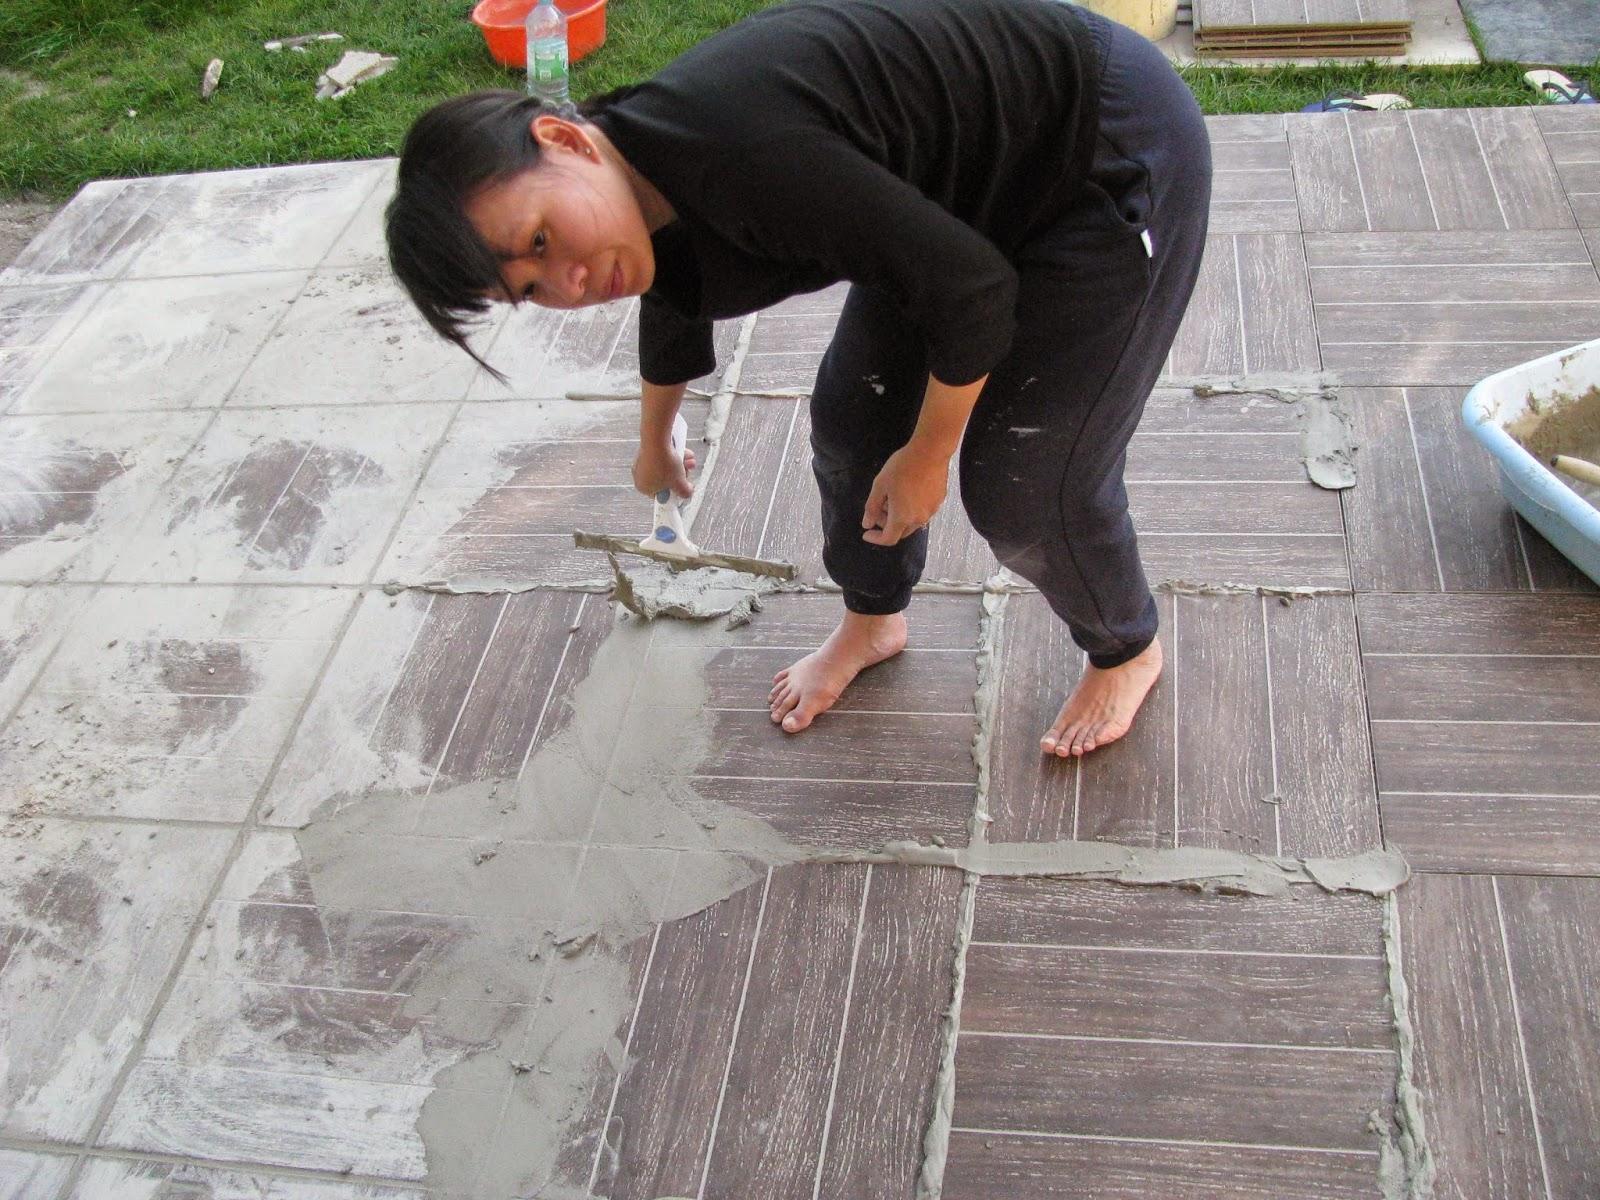 Je fais construire ma maison carreler la terrasse 2 3 - Carrelage terrasse leroy merlin ...